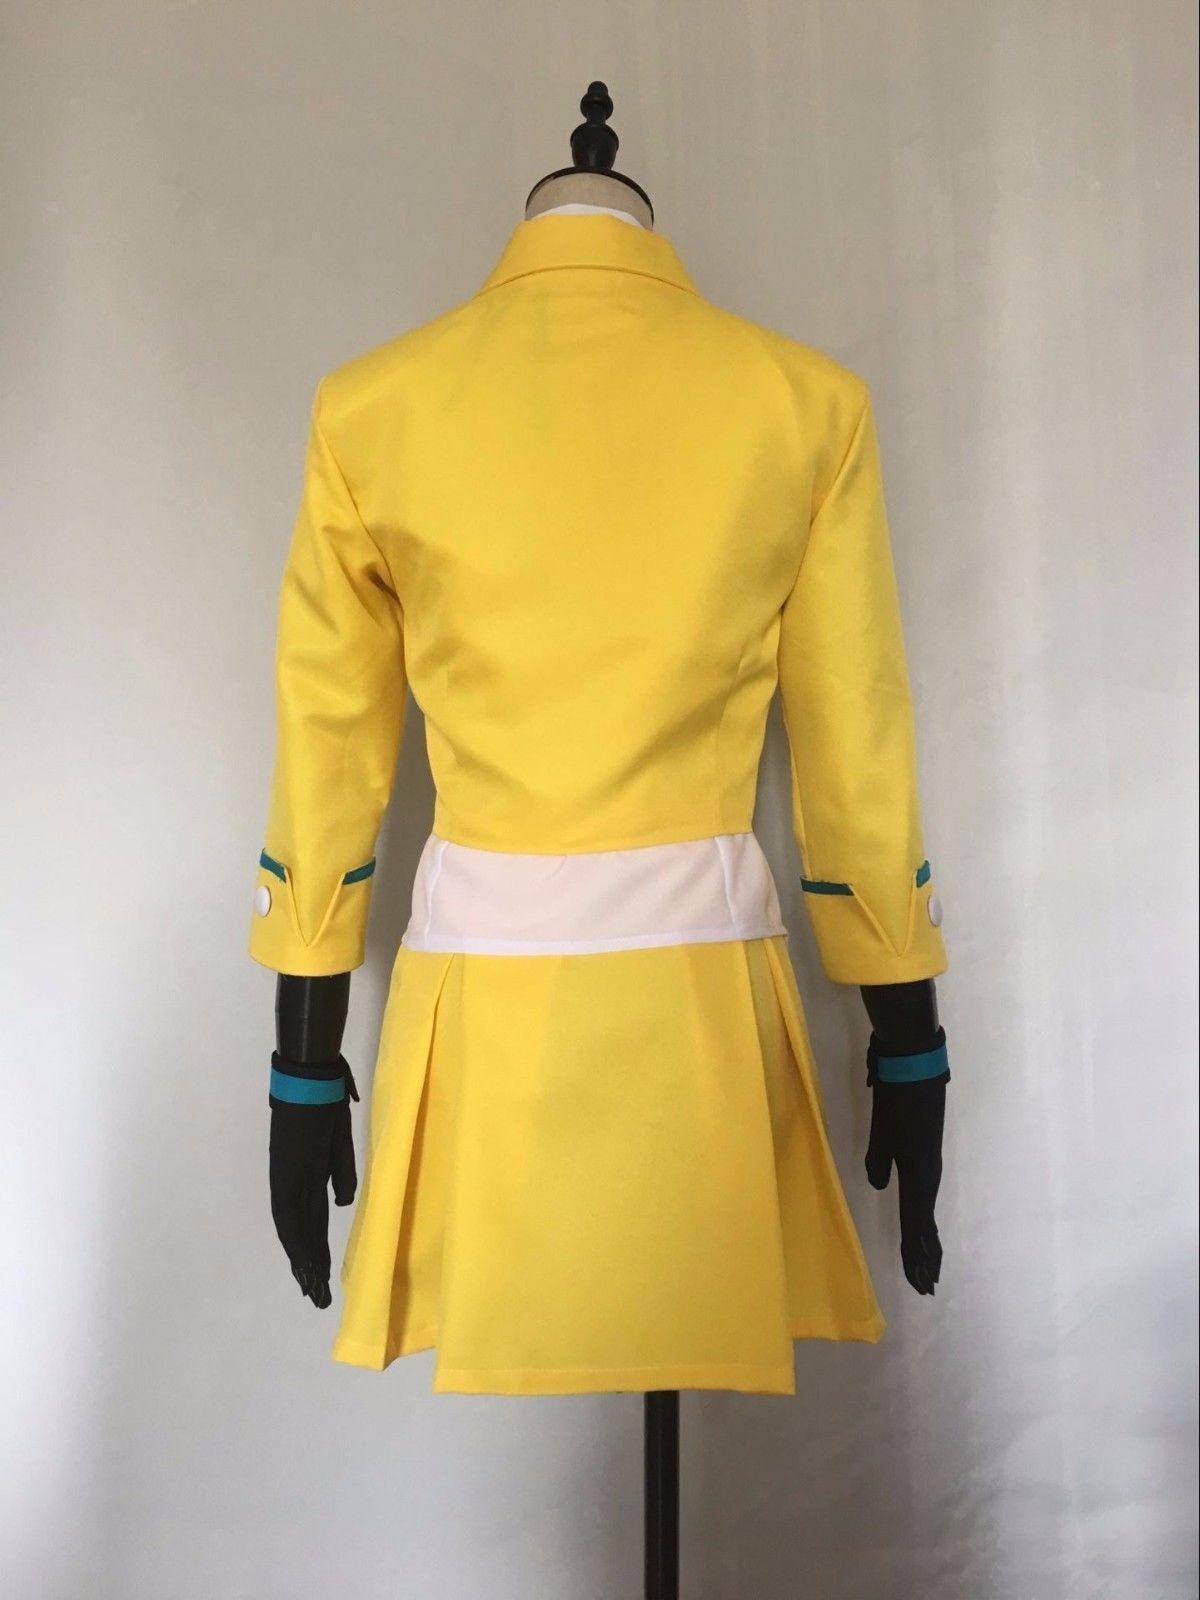 new Ace Attorney Athena Cykes Kidzuki Kokone Uniform Cosplay Costume